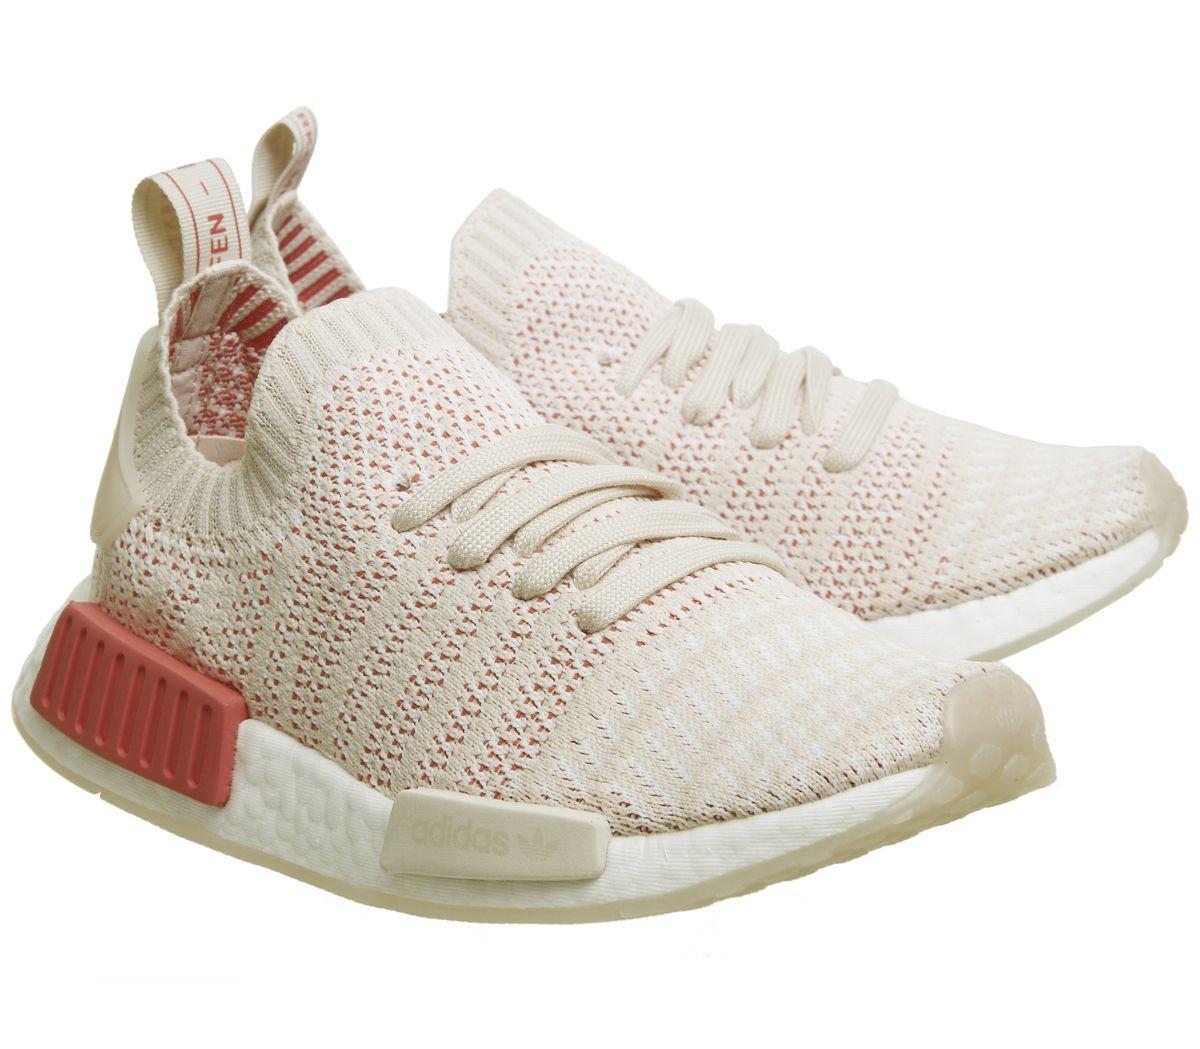 premium selection 9f507 26807 Détails sur Short Femme Adidas NMD R1 Prime Knit Baskets Lin Blanc Cristal  Baskets Chaussures- afficher le titre d origine